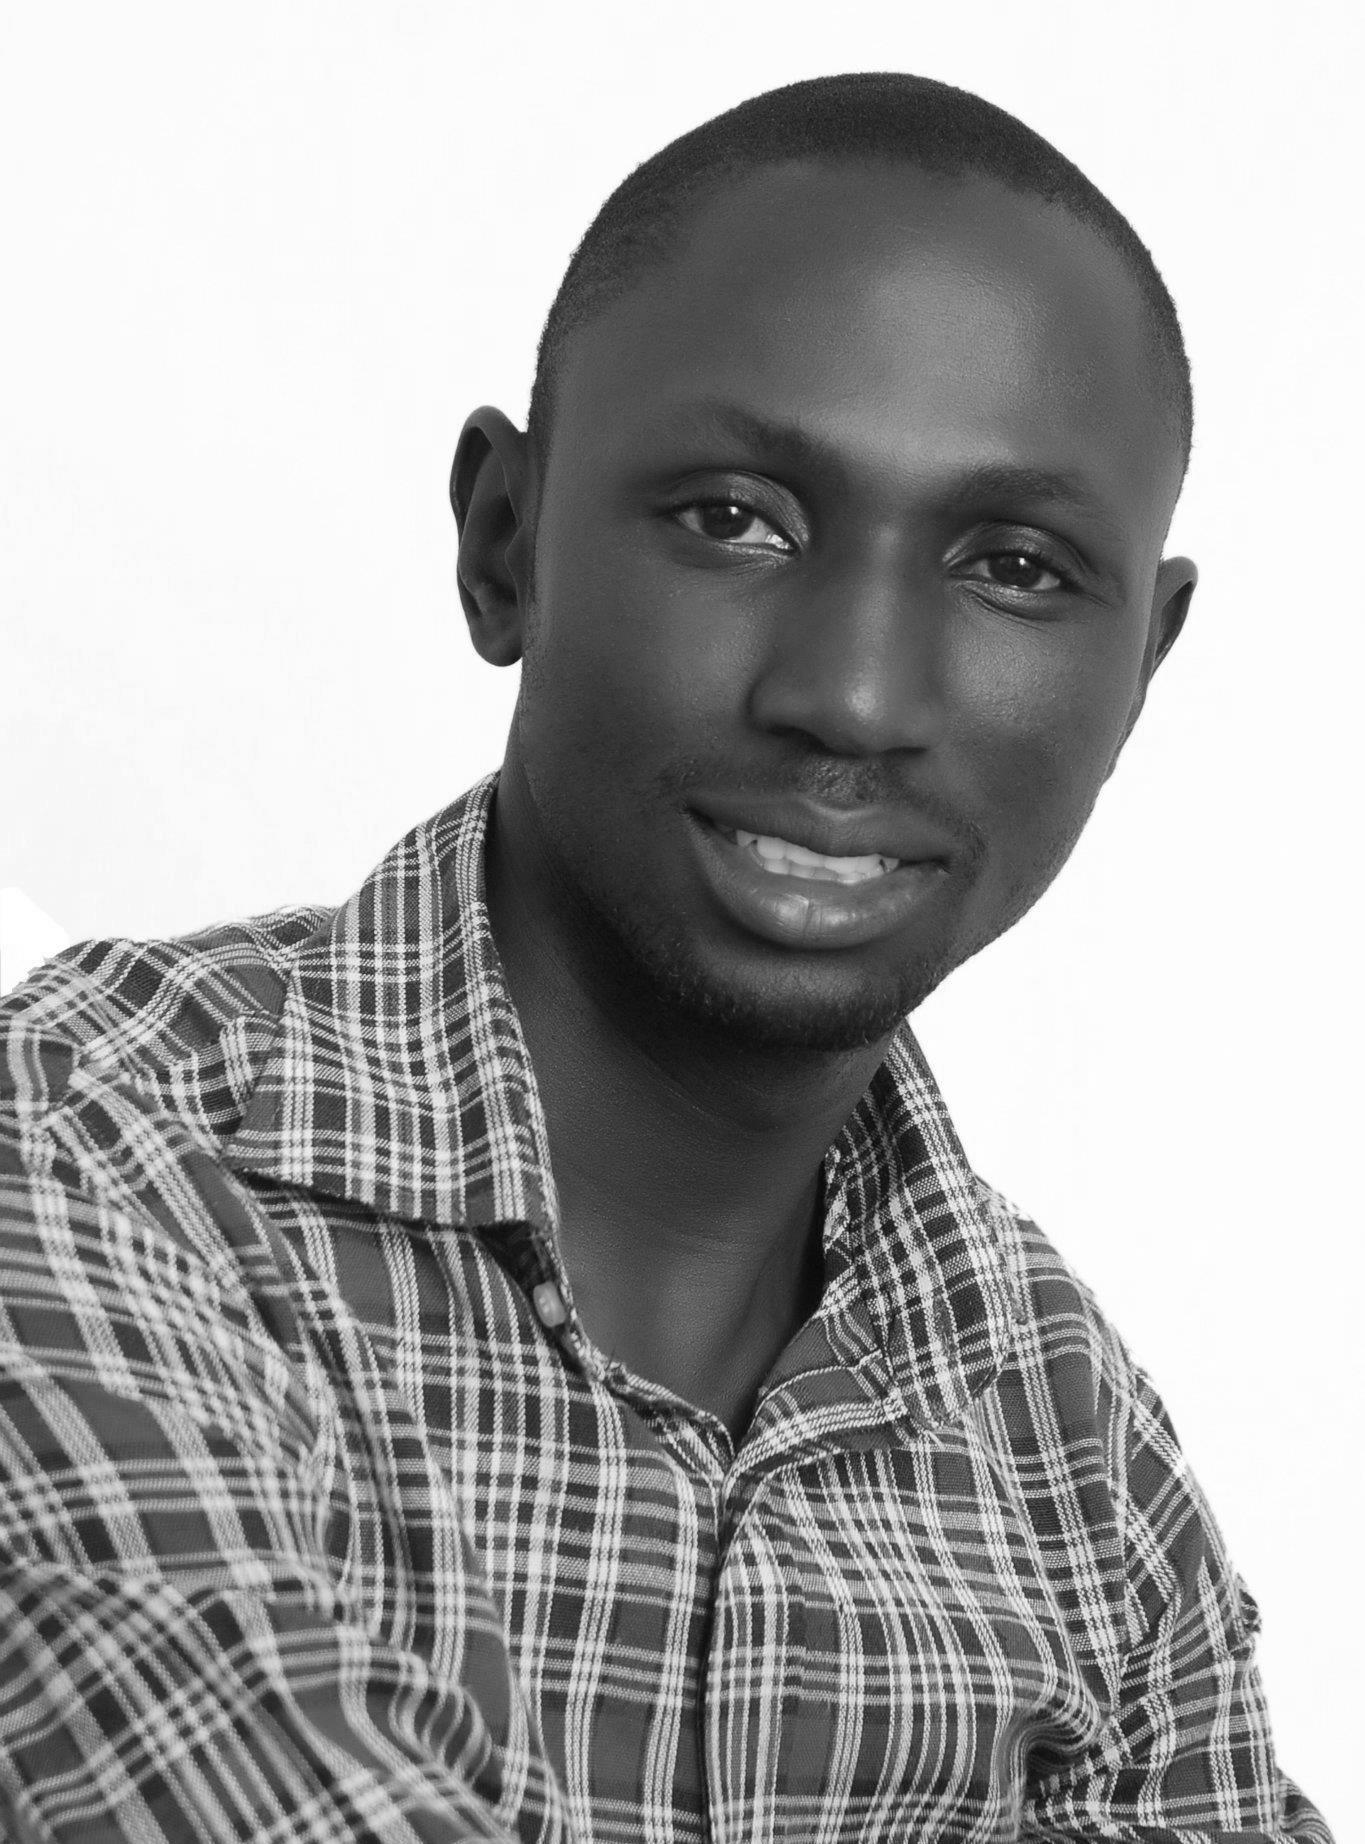 Joseph yaba